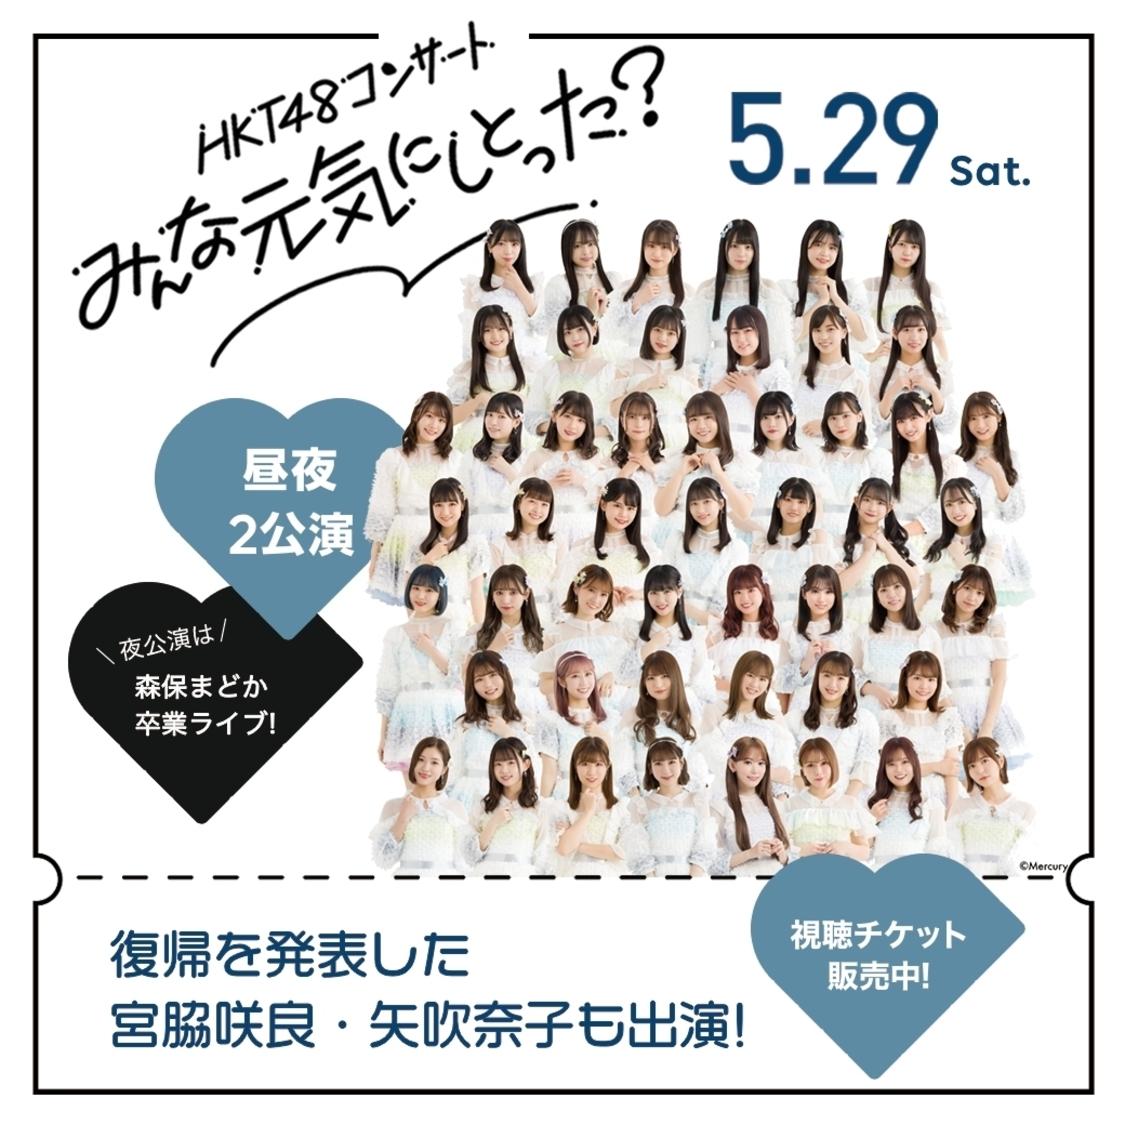 HKT48、森保まどか卒業コンサートを含む<HKT48コンサート みんな 元気にしとった?>生配信決定!